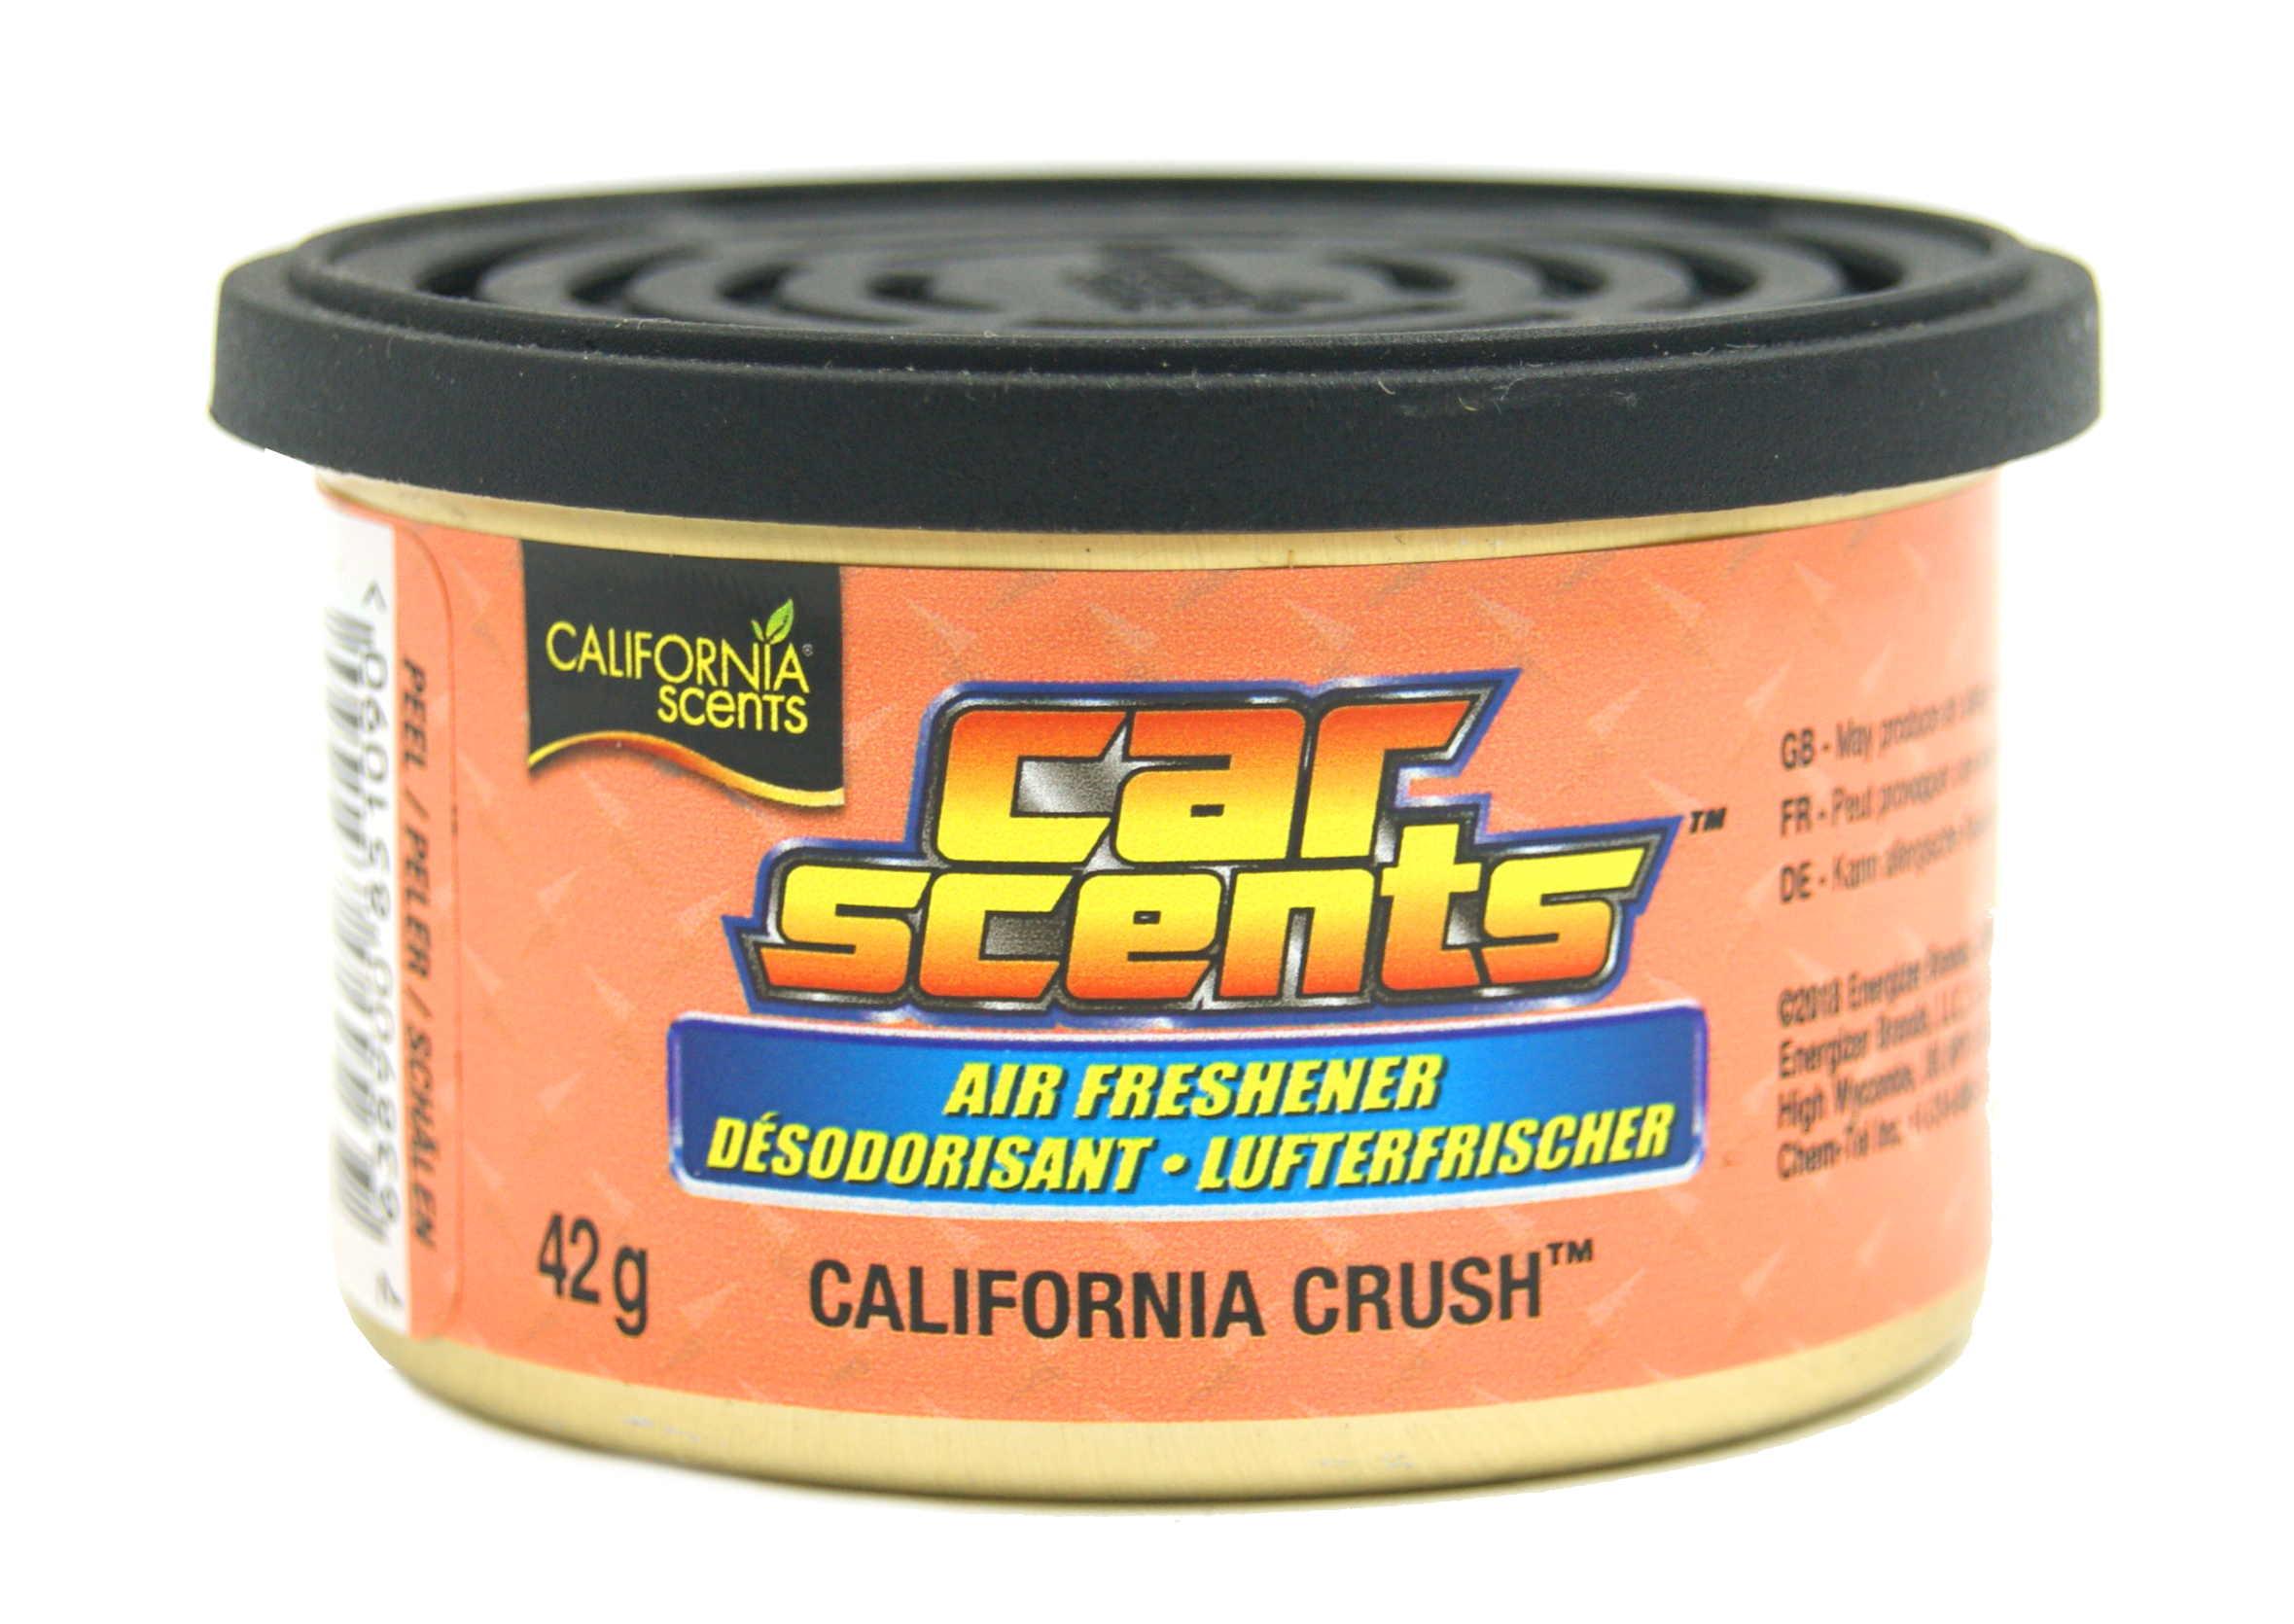 California Scents California Crush 42g Zapach Samochodowy Puszka